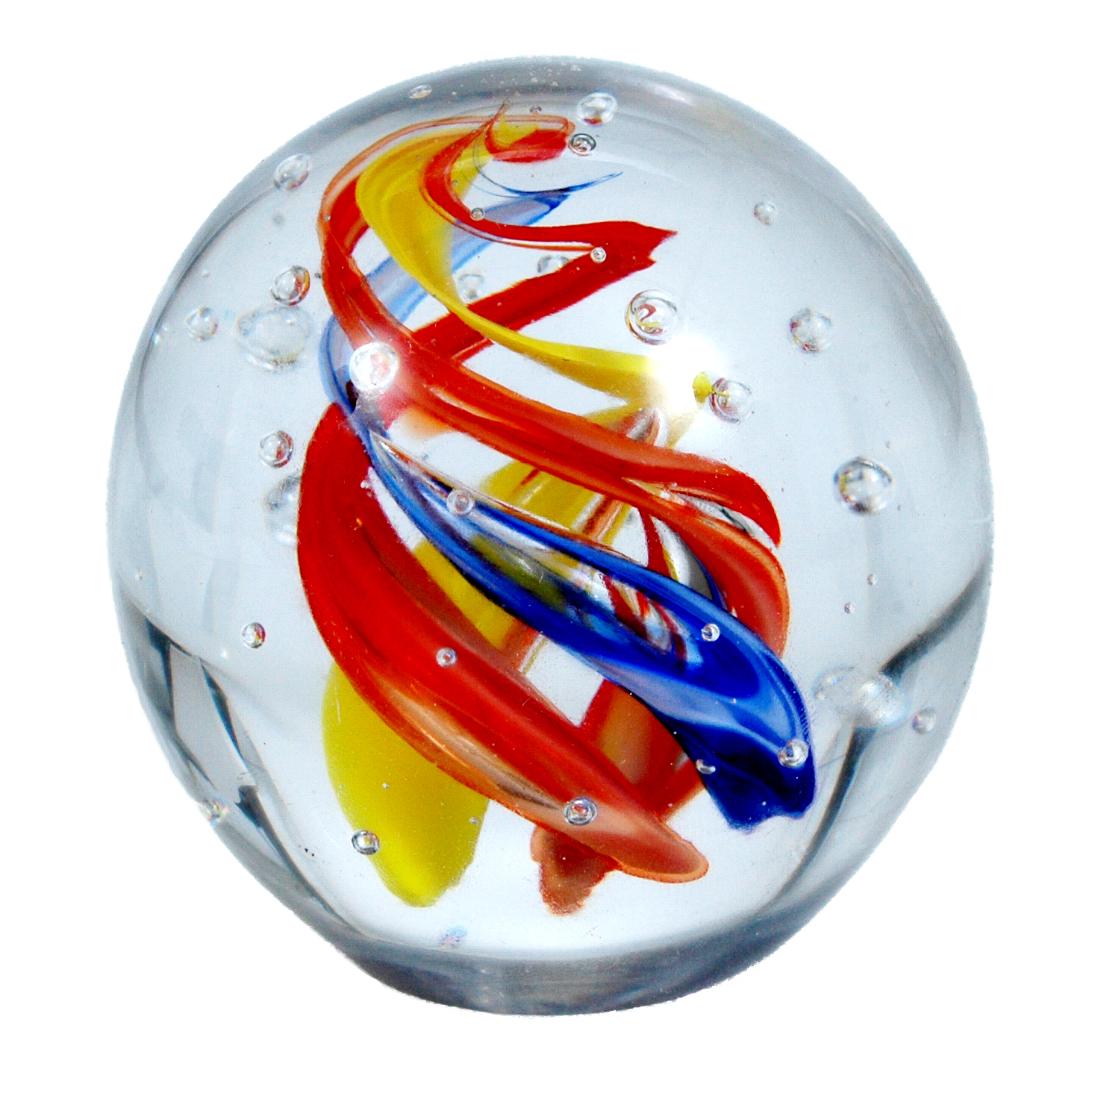 Traum-Glaskugel orange, gelbe und blaue Wirbel